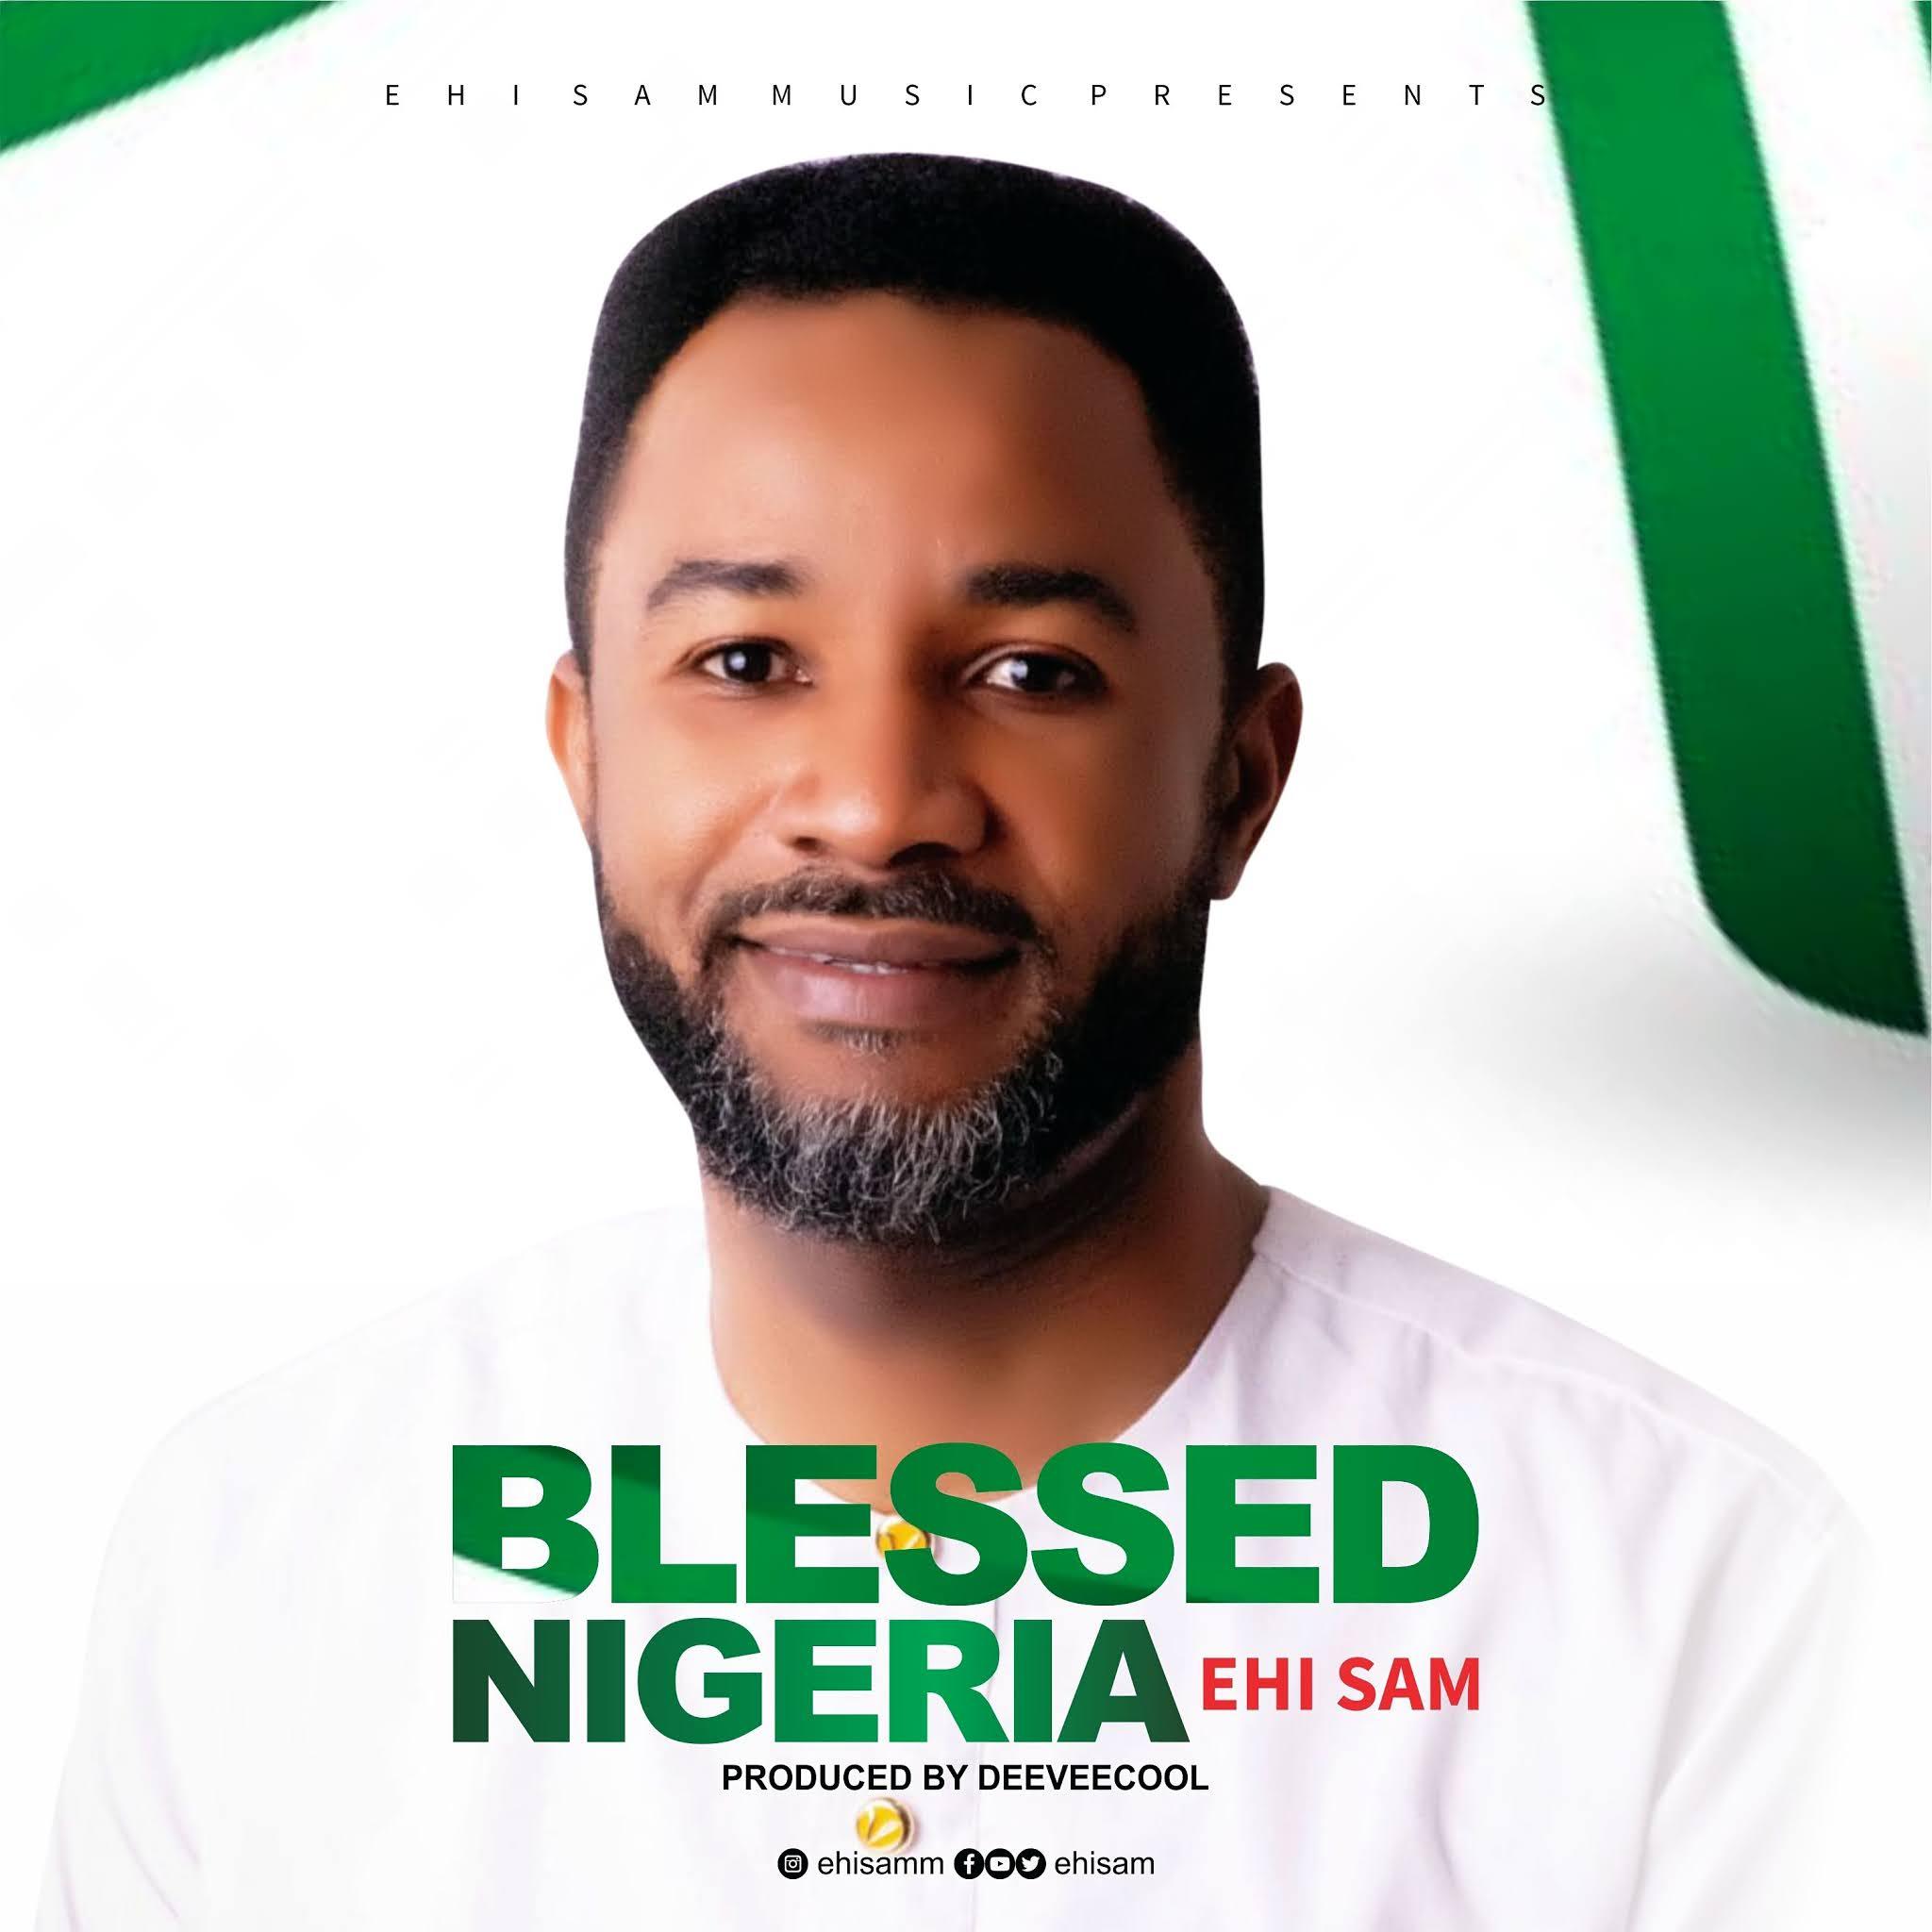 Blessed Nigeria - Ehi Sam